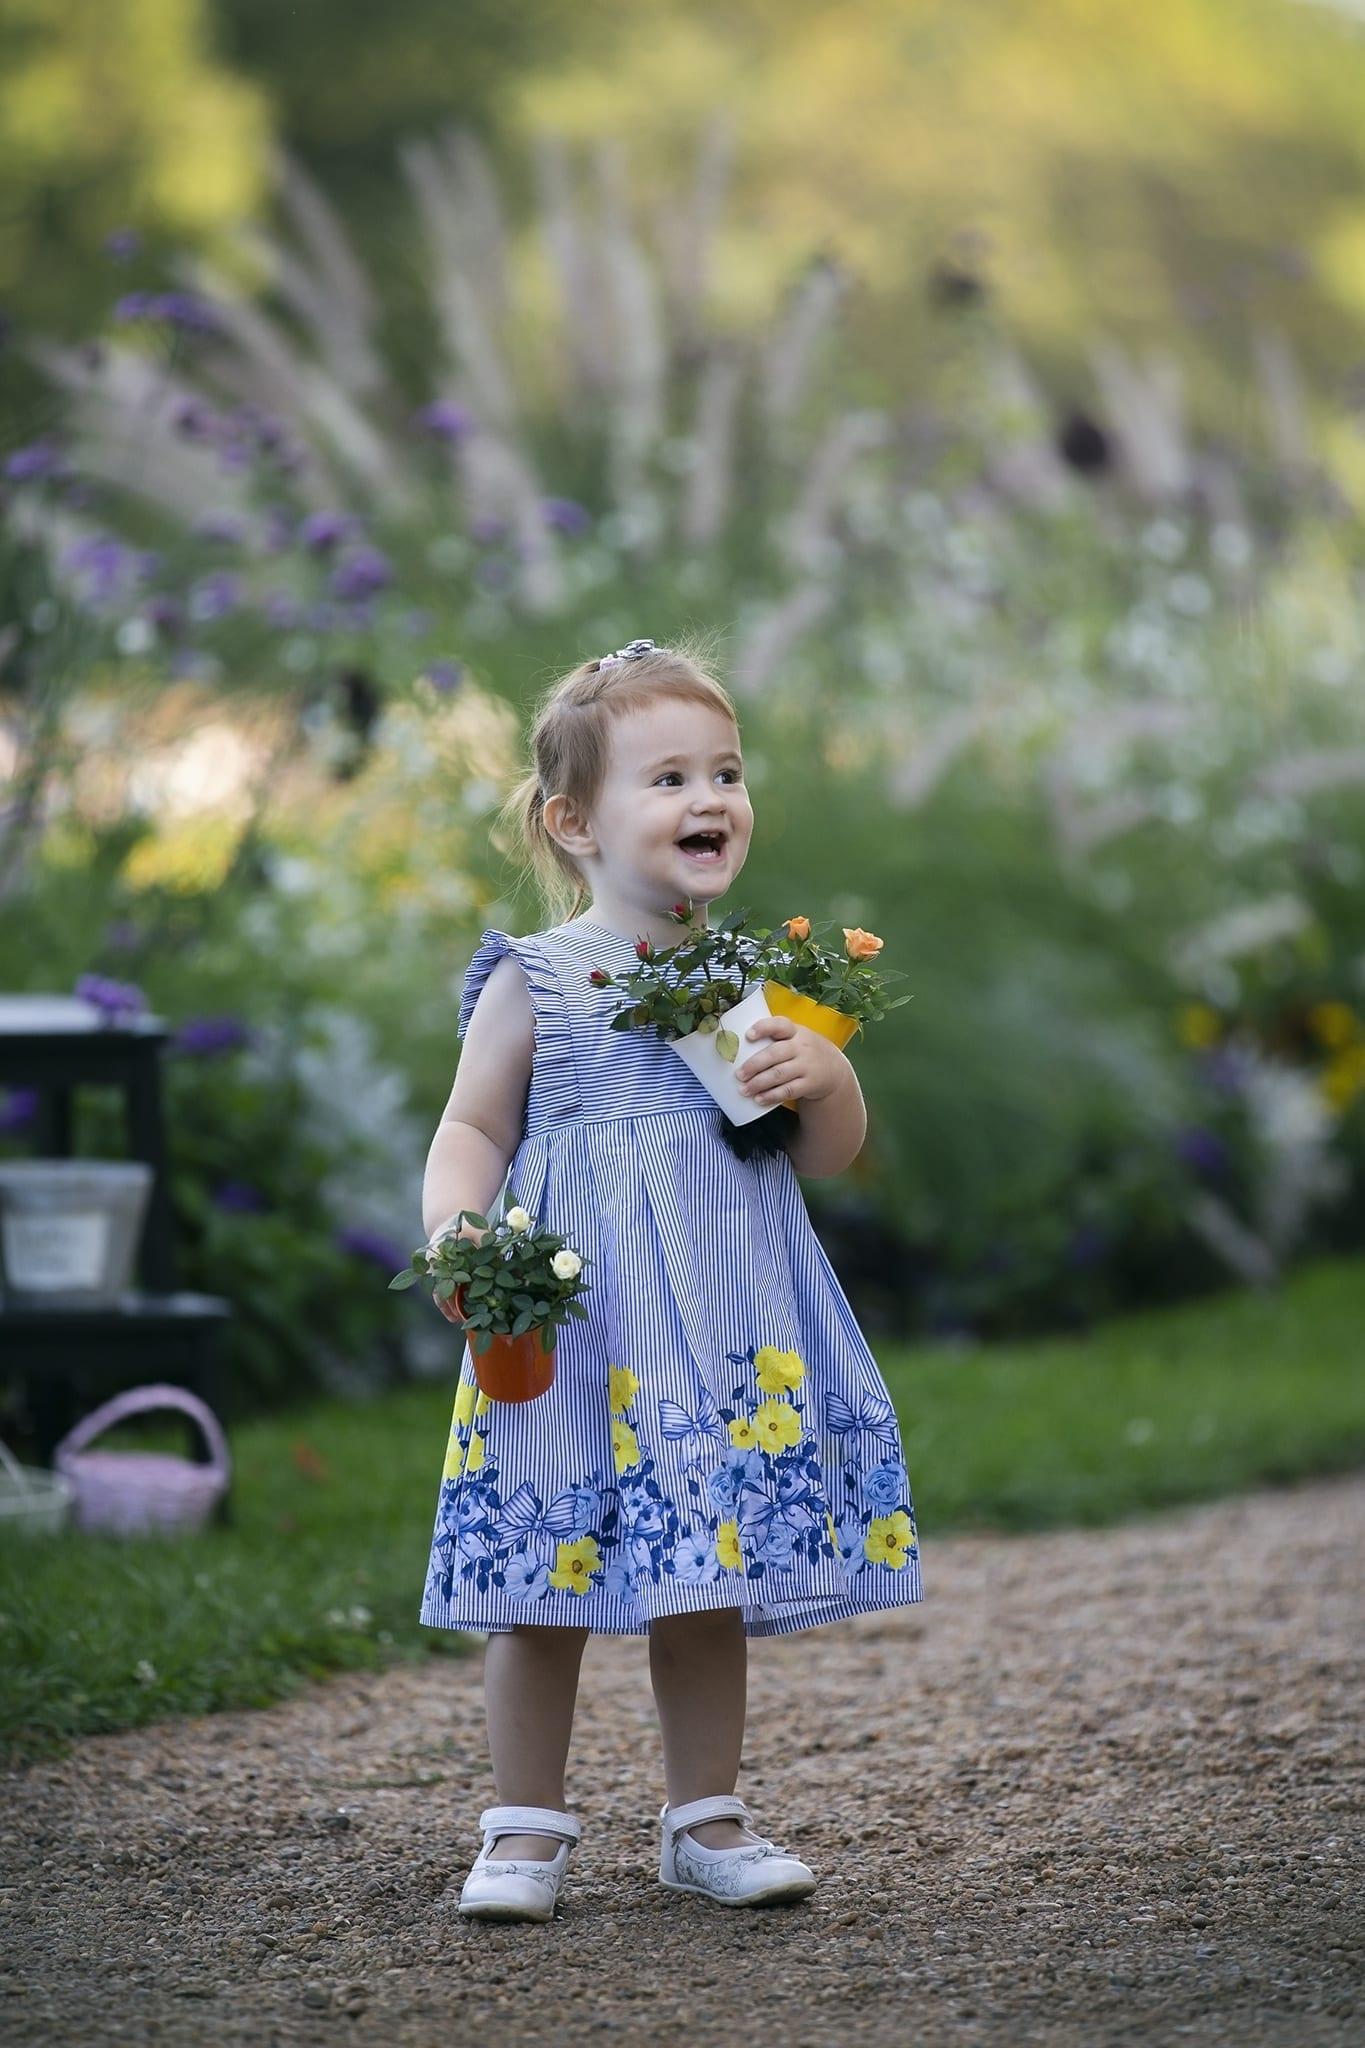 Virágos mosolygós gyerek fotózás 2019 nyár